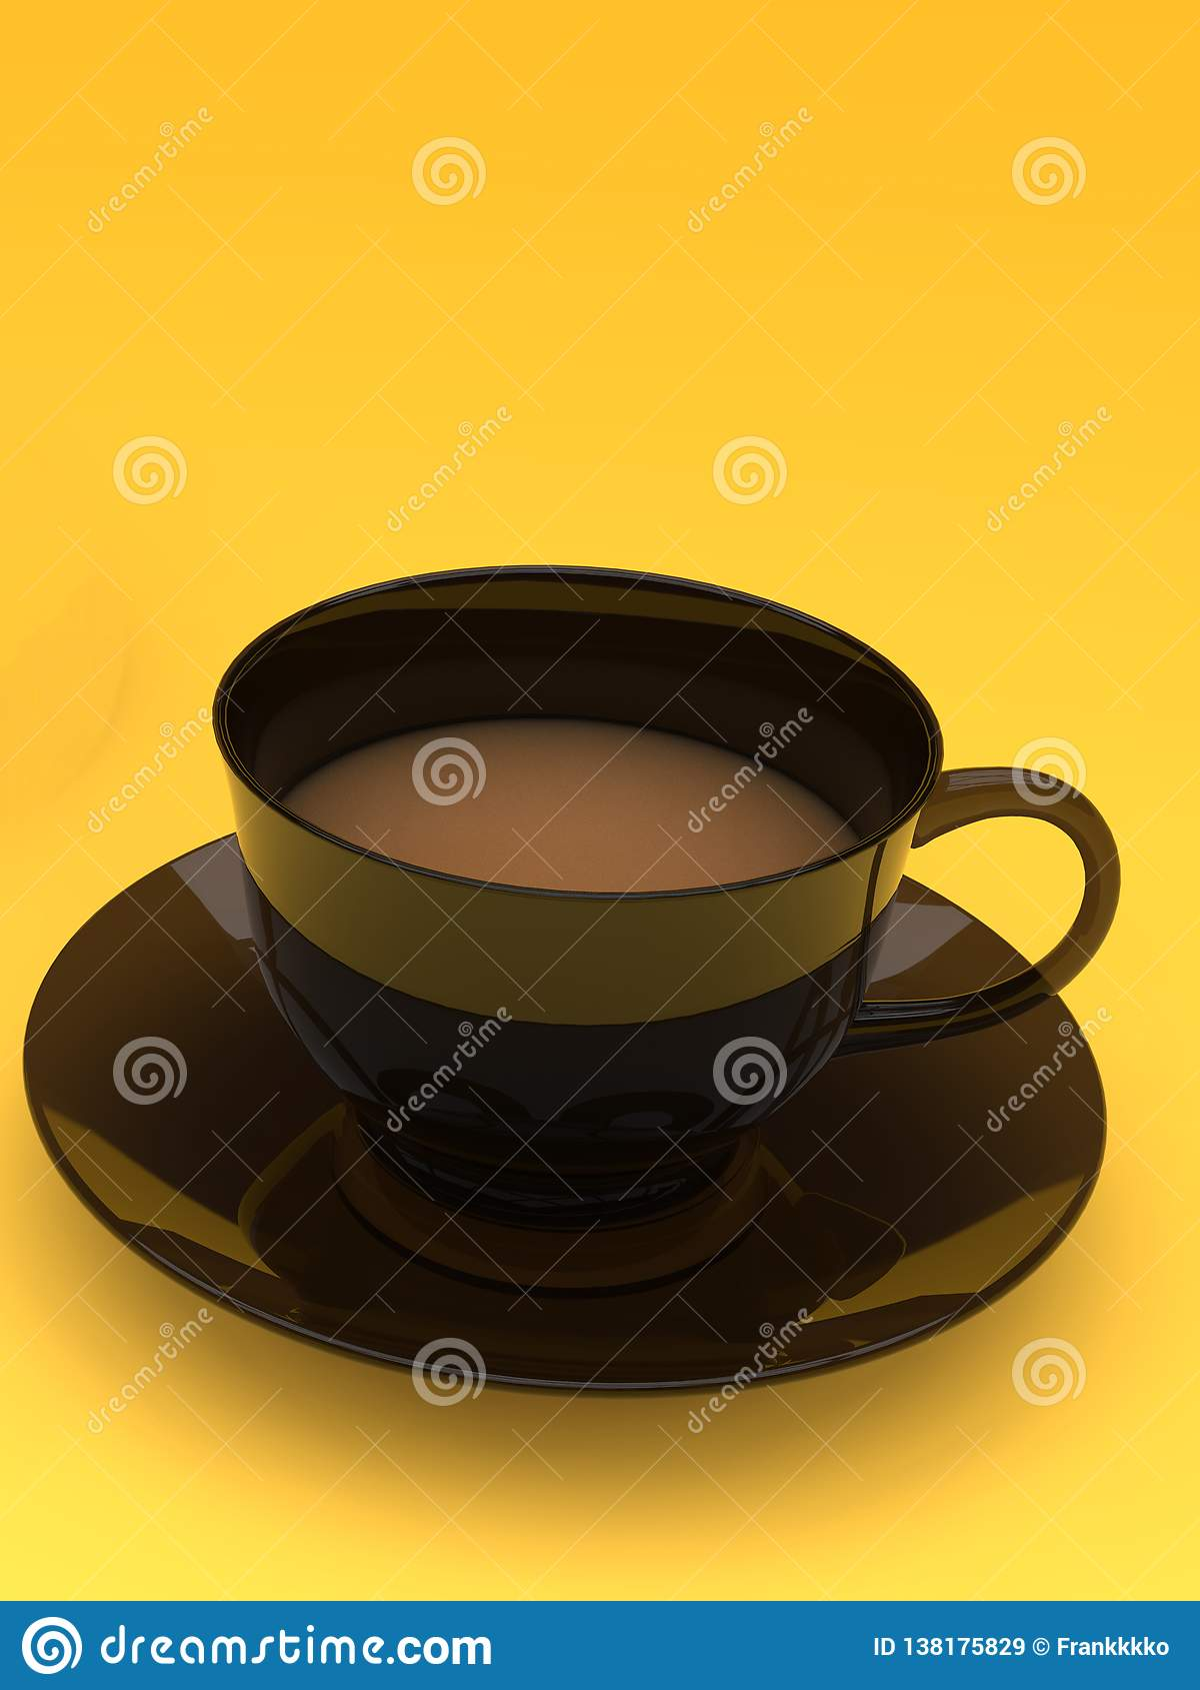 Φλυτζάνι καφέ γάλακτος, σκοτεινός κεραμικός, στο κίτρινο υπόβαθρο